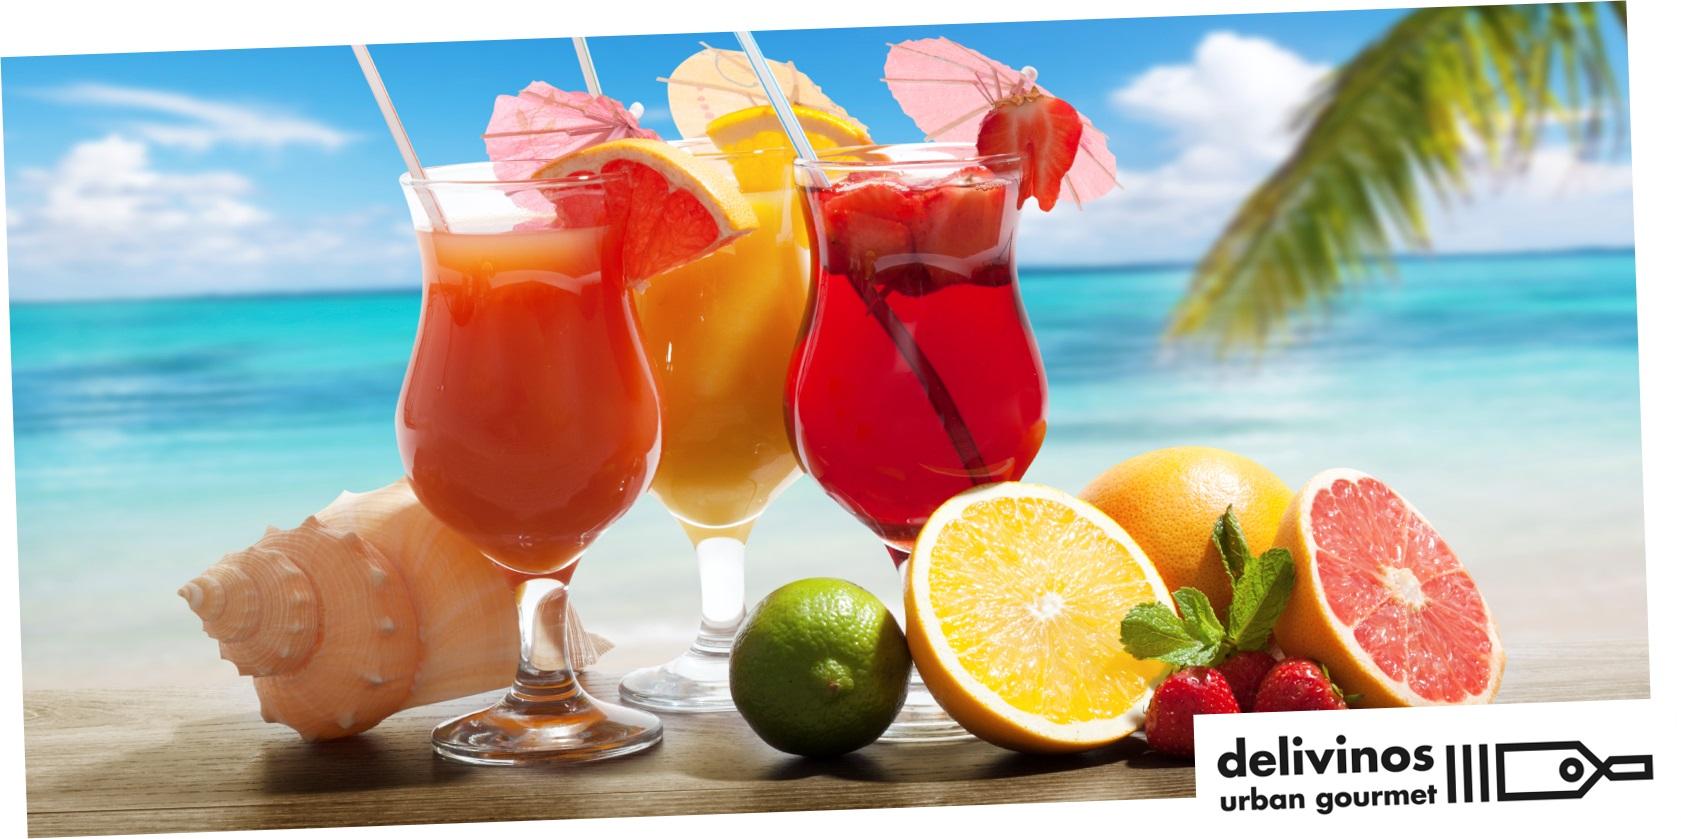 blog4-delivinos-bebidas-verano